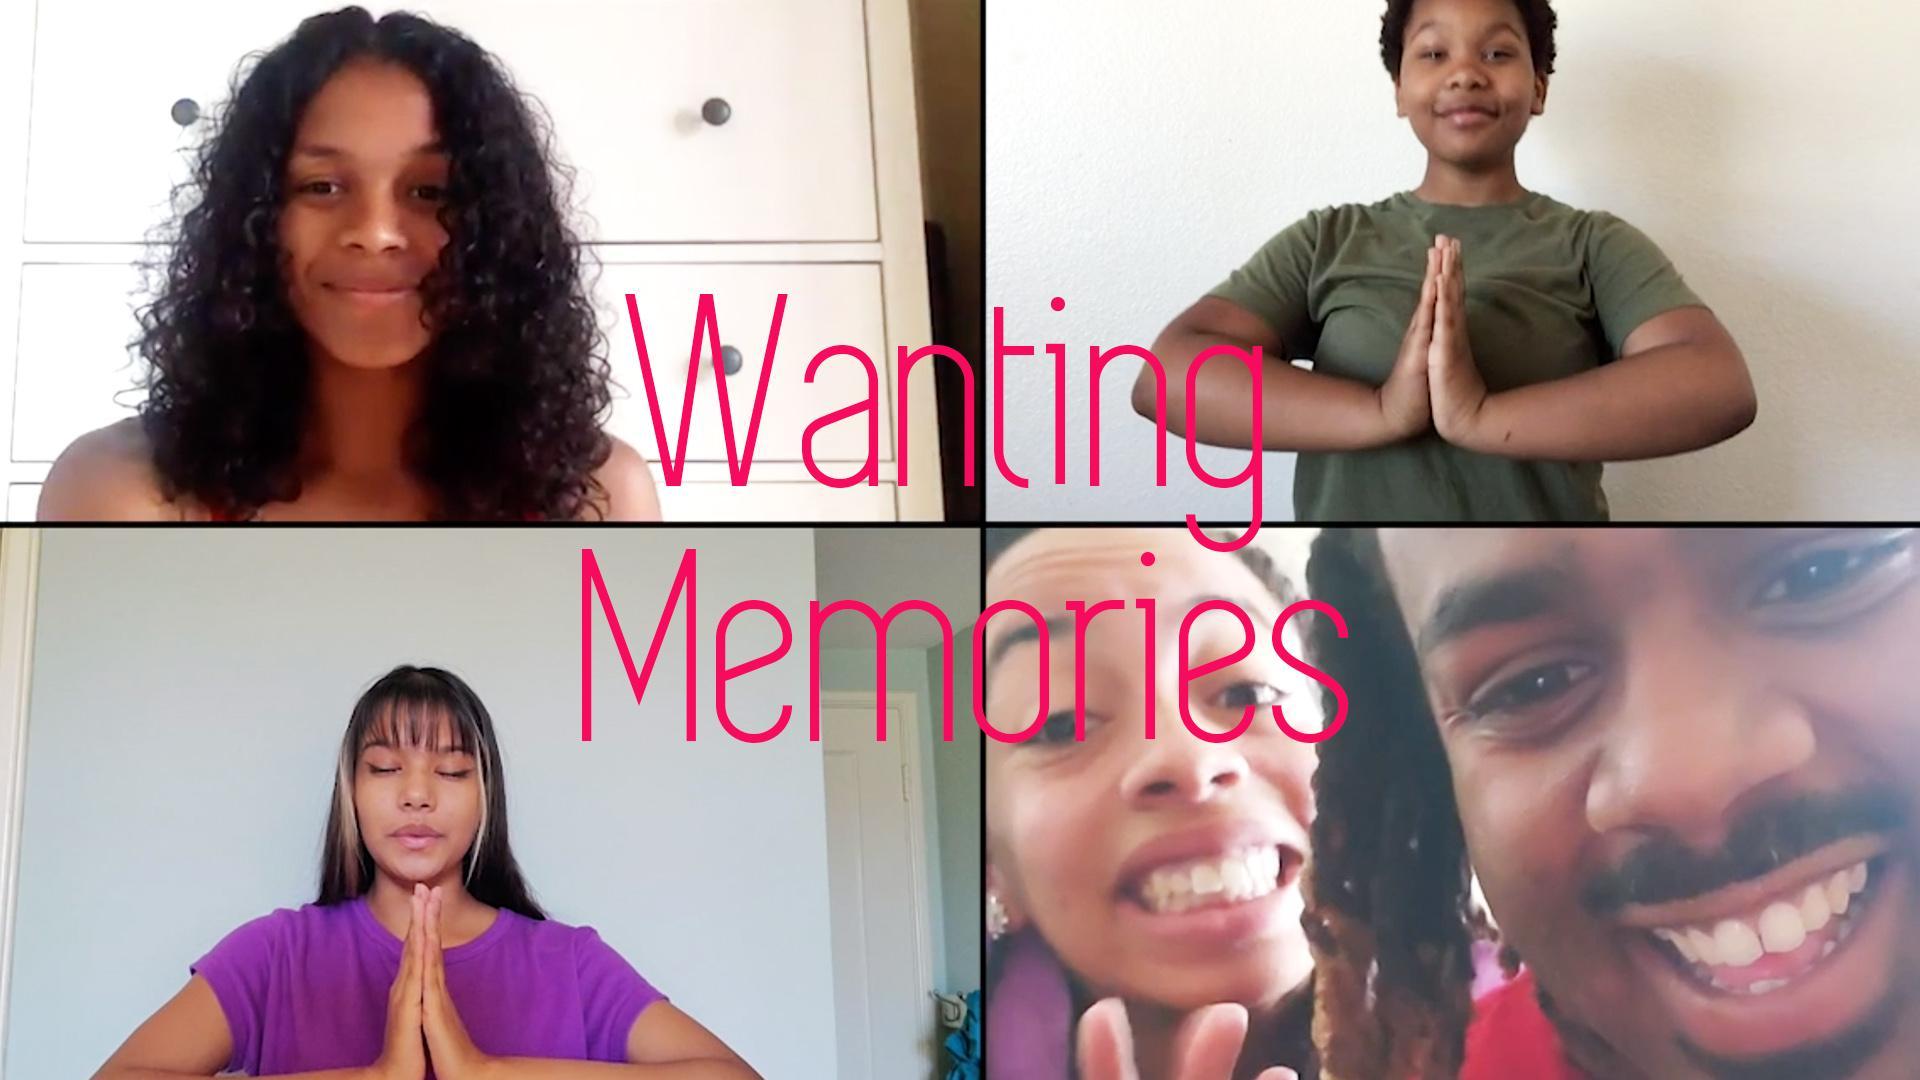 Wanting Memories Header